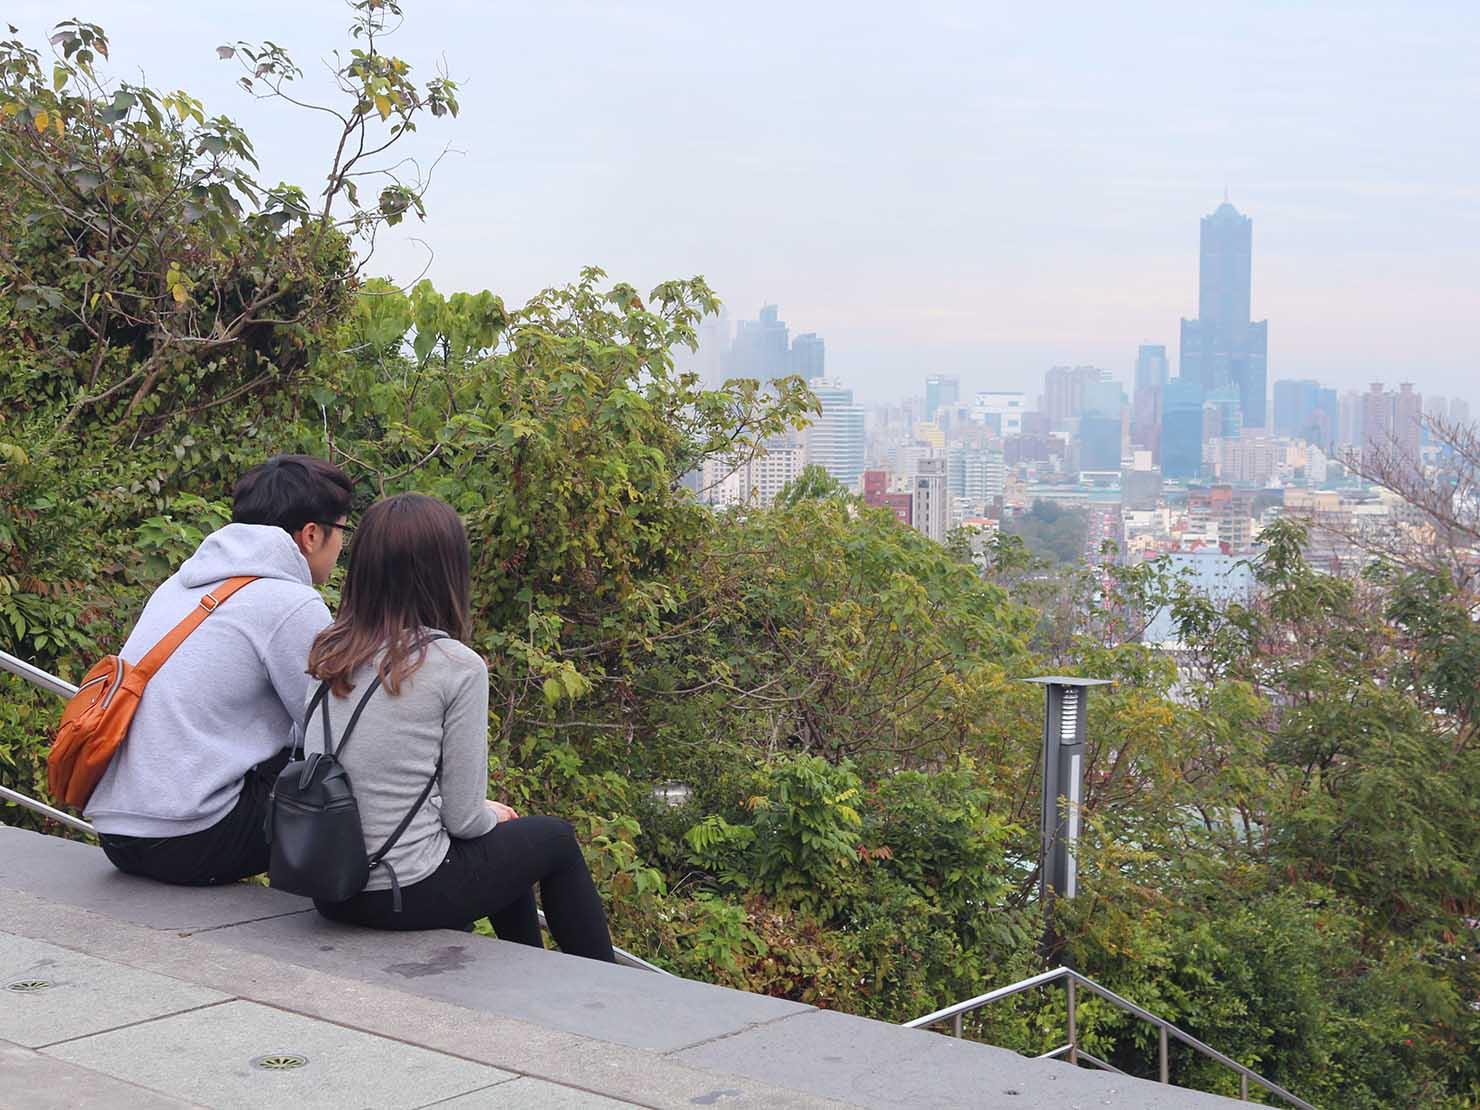 高雄のおすすめ観光スポット「西子灣」忠烈祠から眺める高雄市街